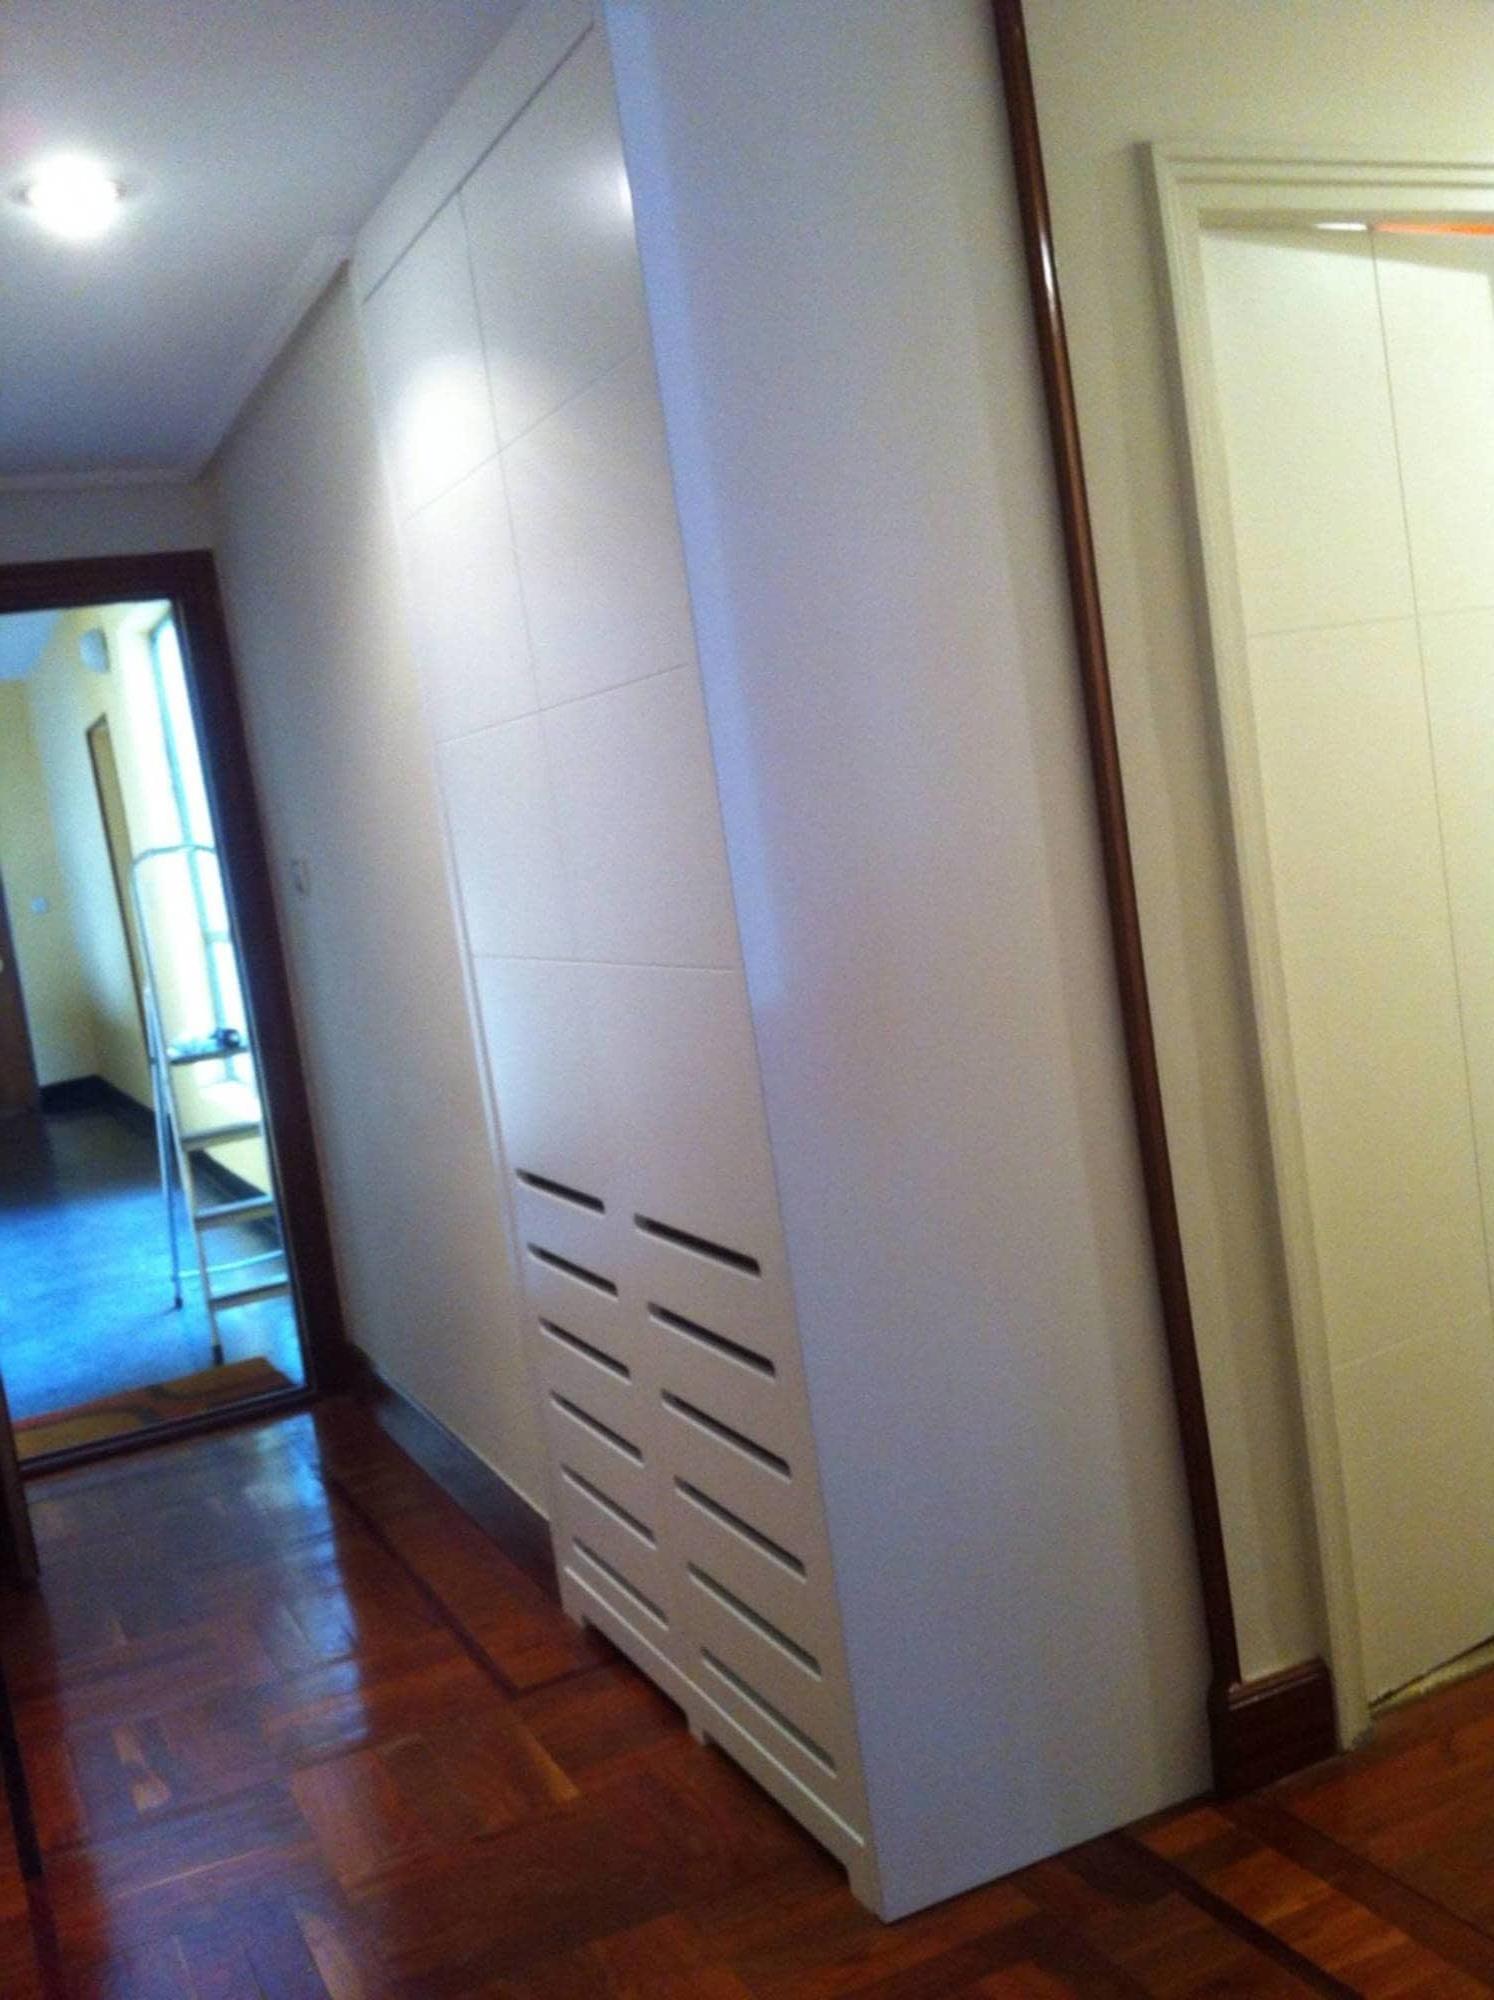 Armarios Estrechos Y Altos Thdr Fotos Pasillos Muebles Estrechos Y Altos Armarios Para Bano Baratos